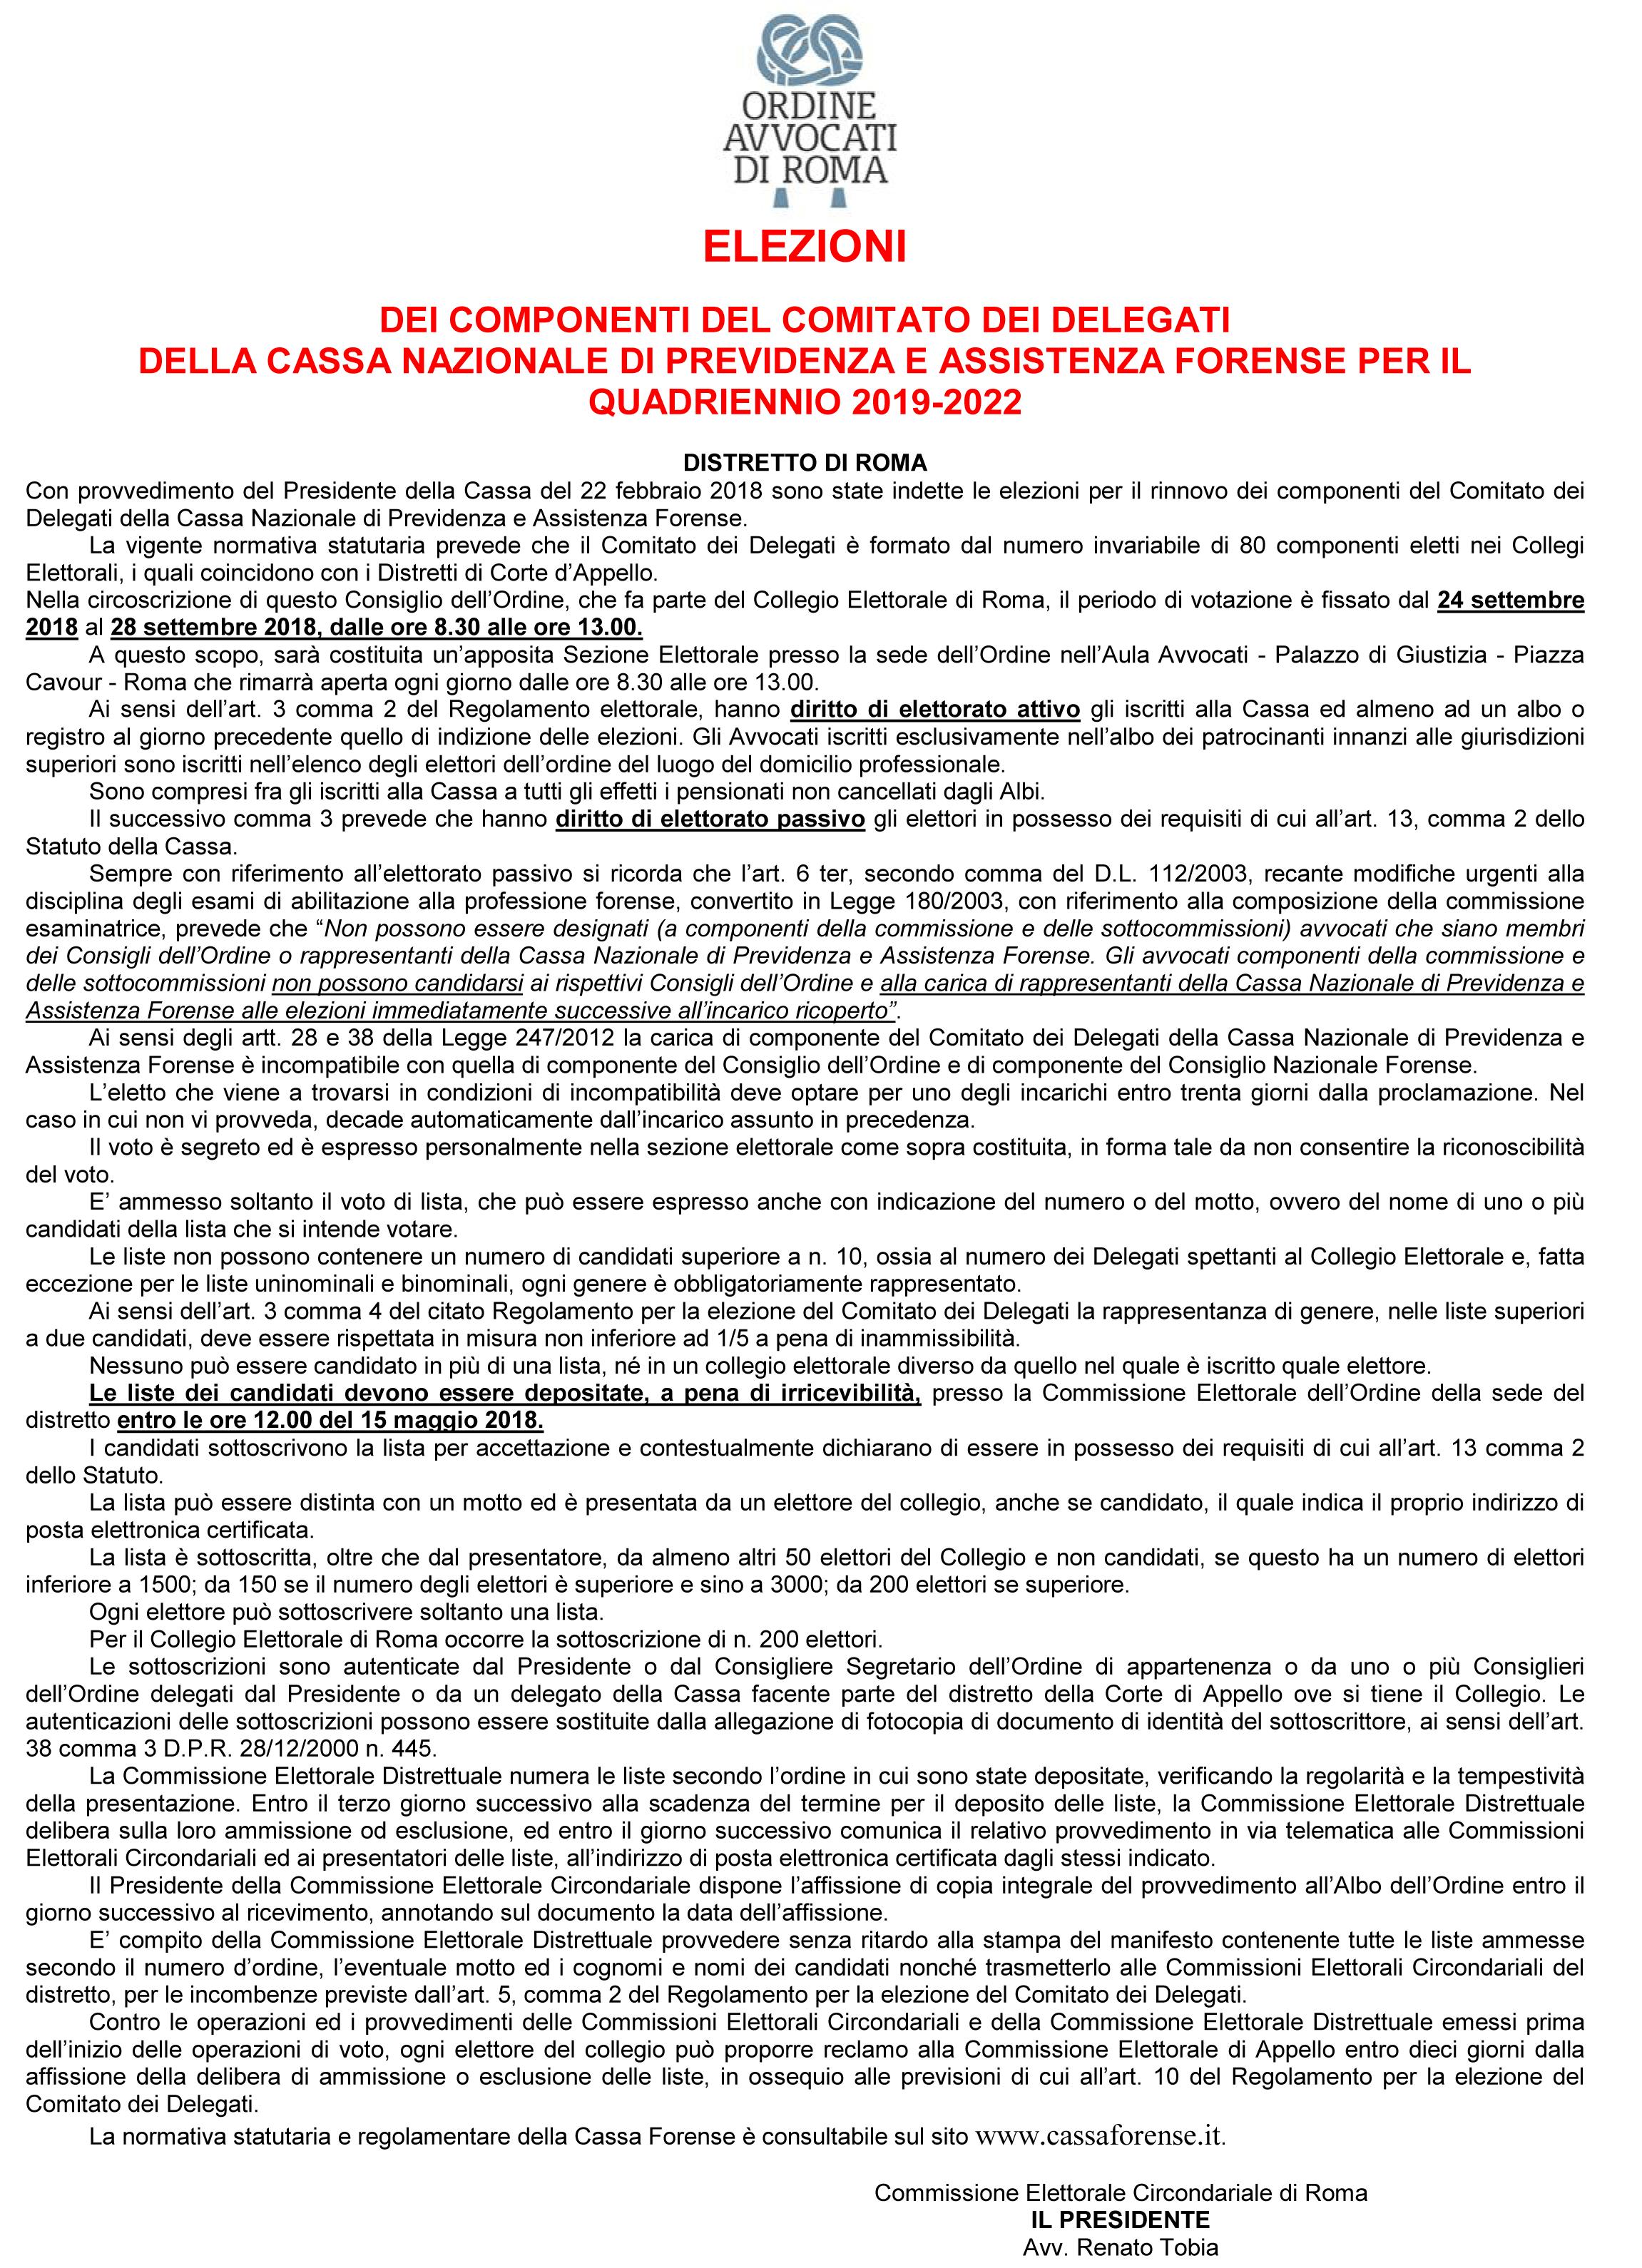 5ef824e081 Elezioni dei componenti del Comitato dei Delegati della Cassa Nazionale di  Previdenza e Assistenza Forense per il quadriennio 2019-2022